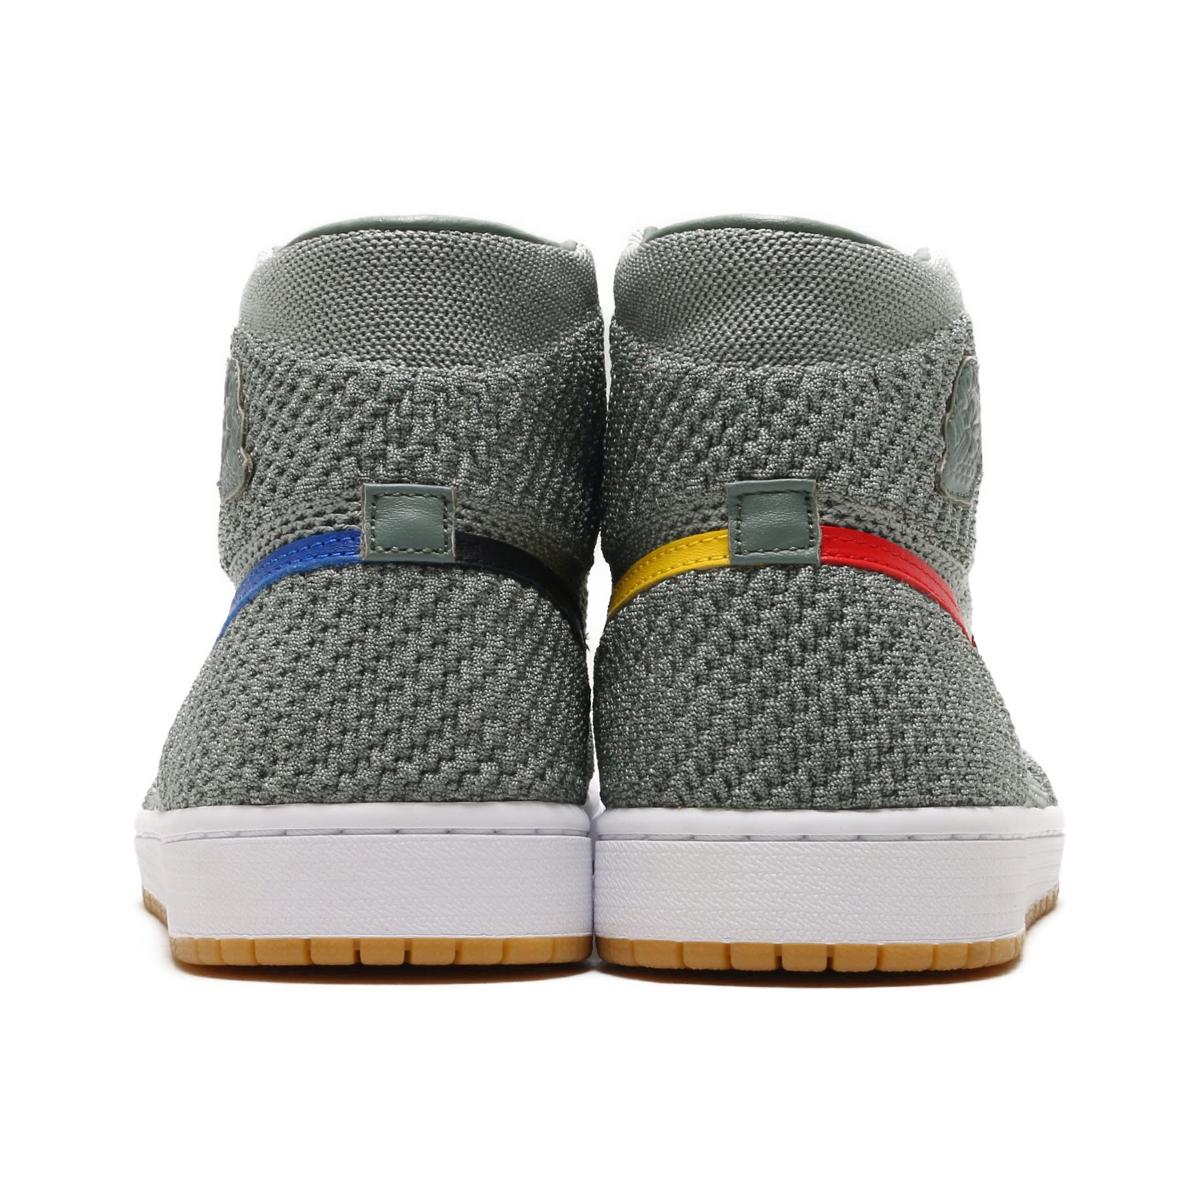 af9b67a04db4 NIKE AIR JORDAN 1 RETRO HI FLYKNIT (Nike Air Jordan 1 nostalgic high fried  food knit) (CLAY GREEN WHITE-HYPER COBALT-GUM YELLOW) 18SU-S